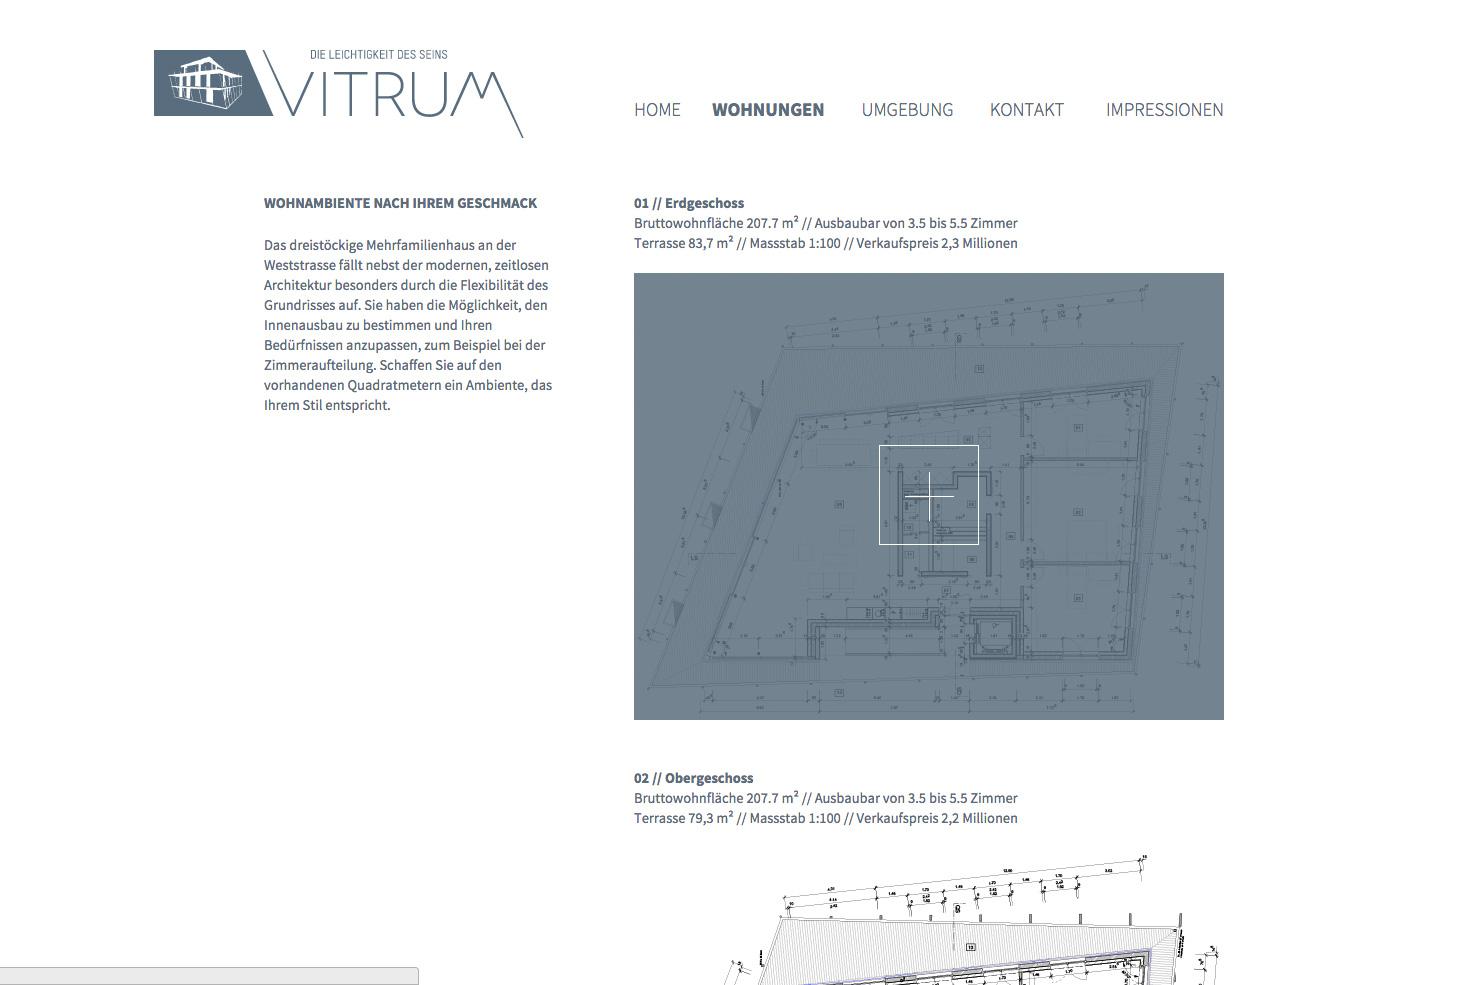 Bild 2 vom Vitrum Webseite